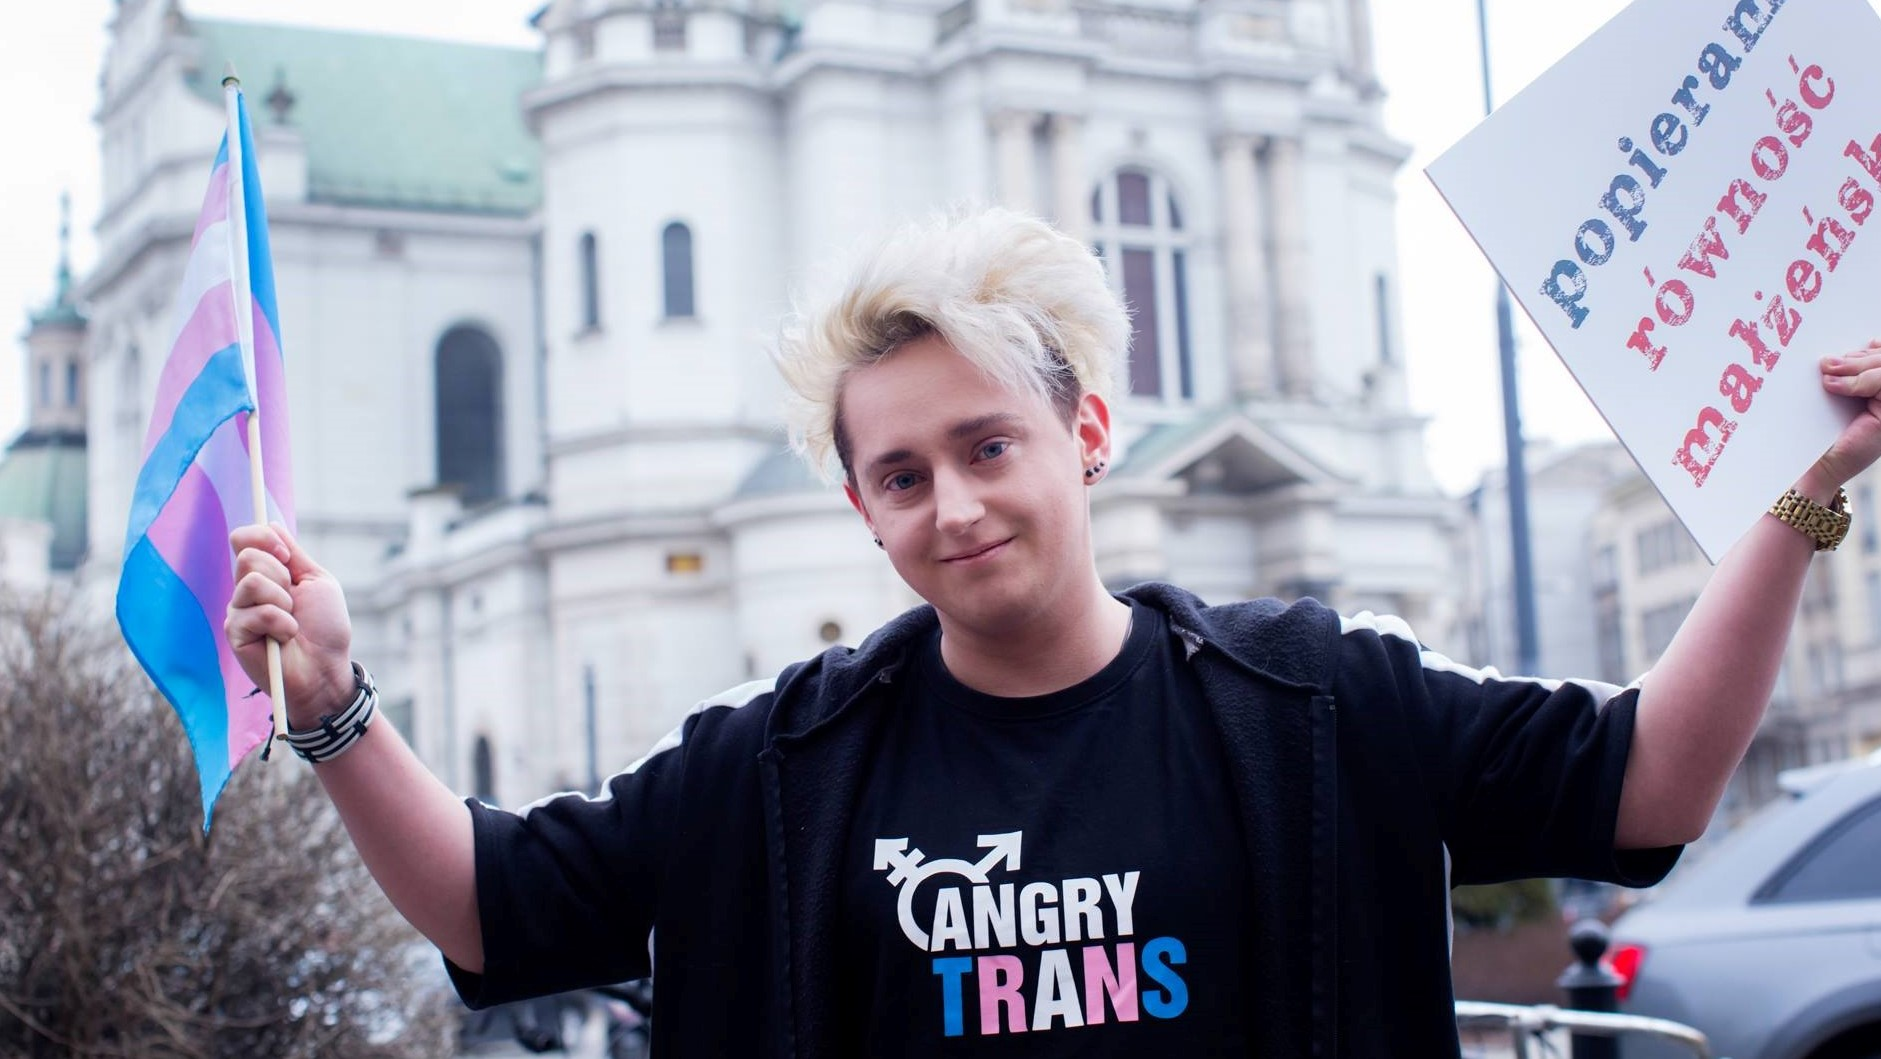 """Na zdjęciu Grzegorz z Angry Trans, w jednej dłoni trzyma flagę osób transpłciowych, w drugiej - tabliczkę z napisem """"Popieram równość małżeńską""""."""